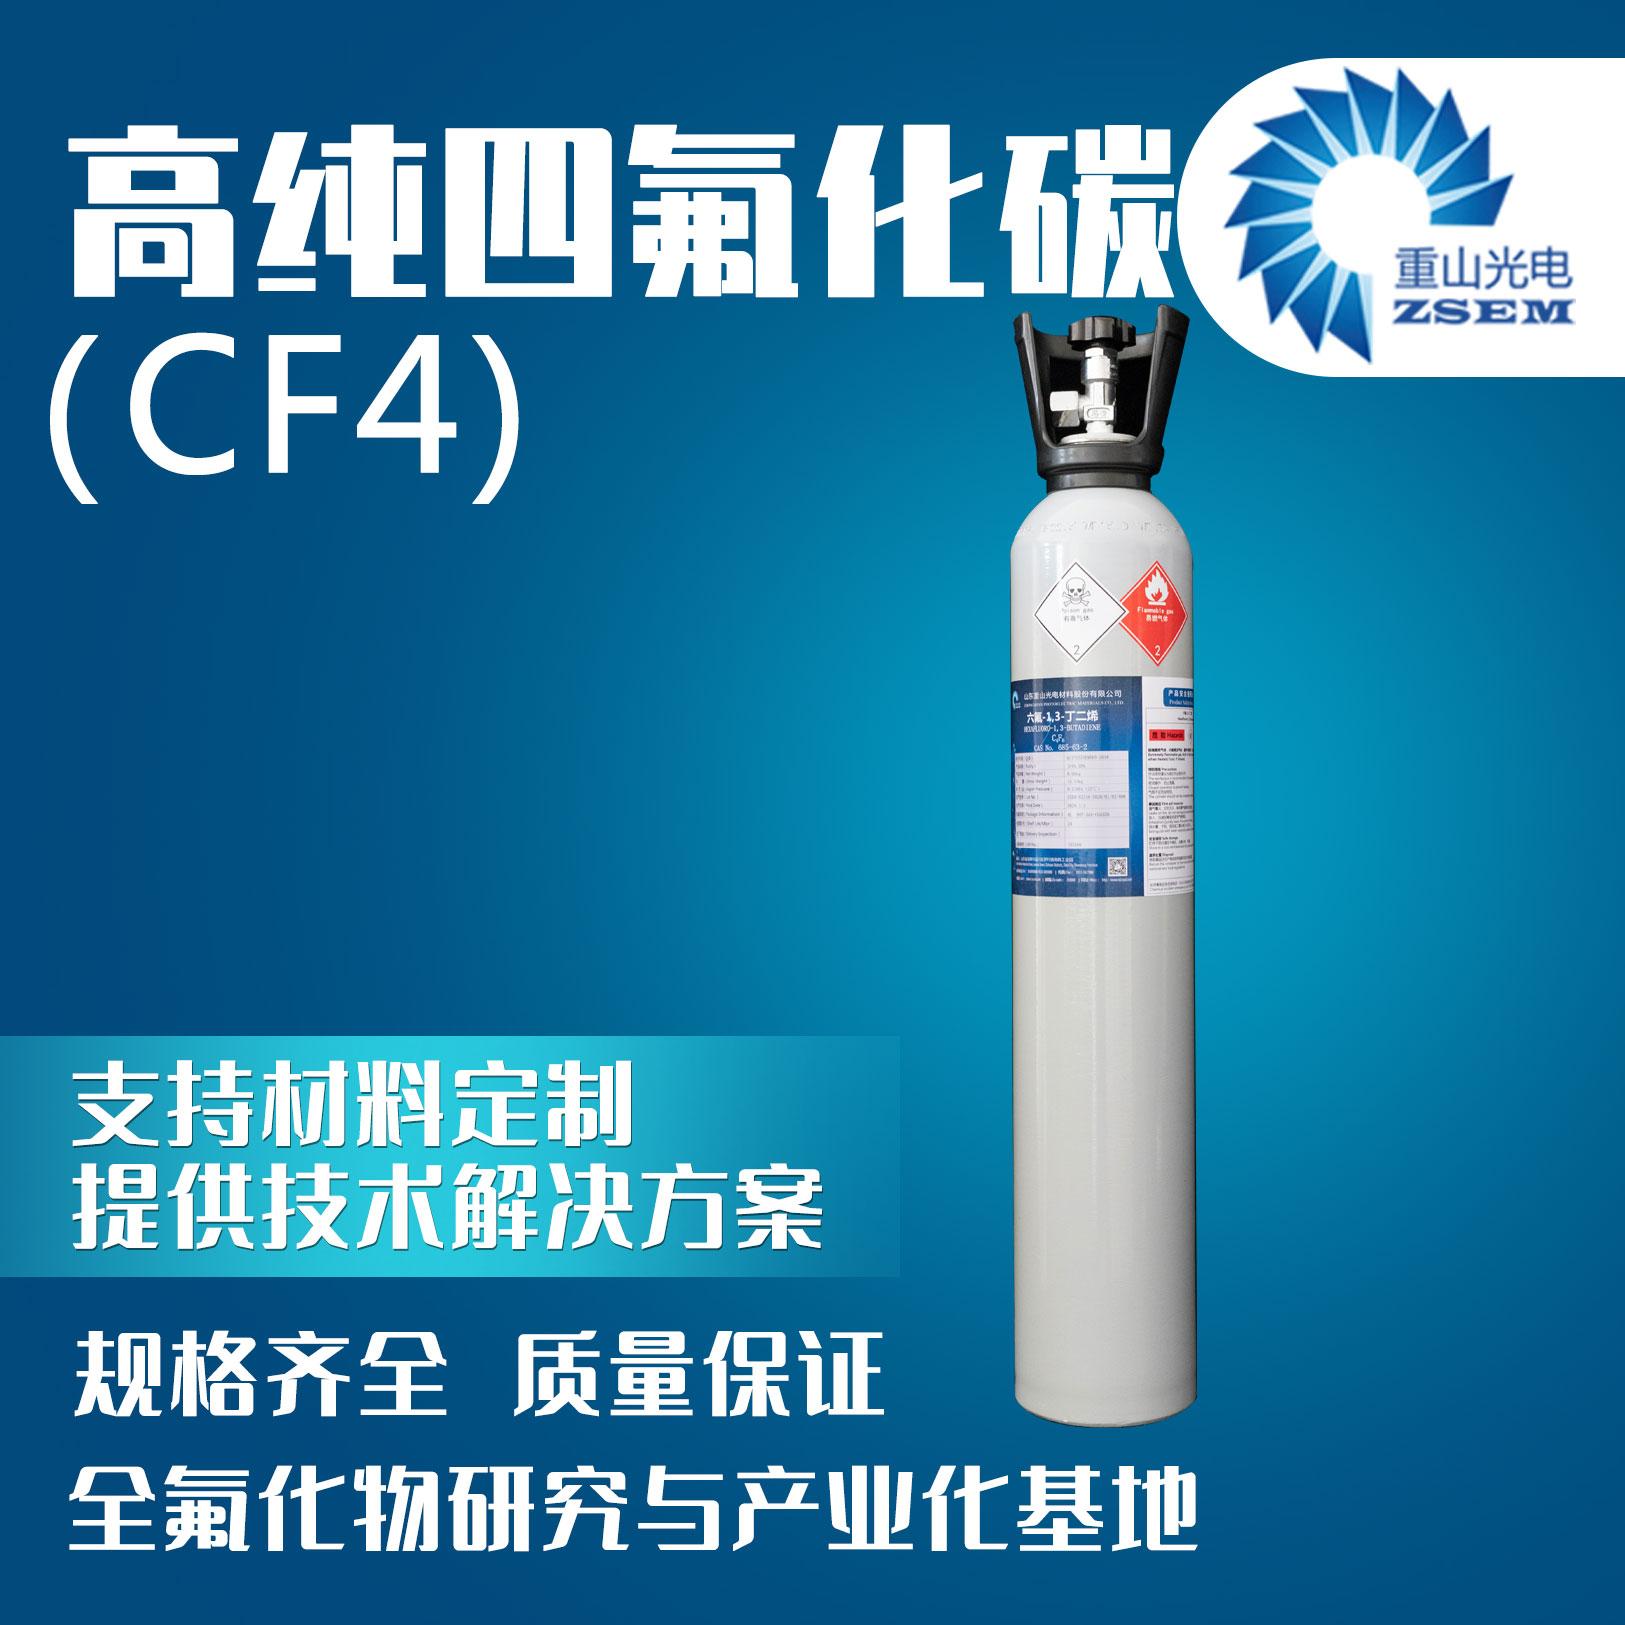 高纯四氟化碳 CAS#: 75-73-0 (图1)